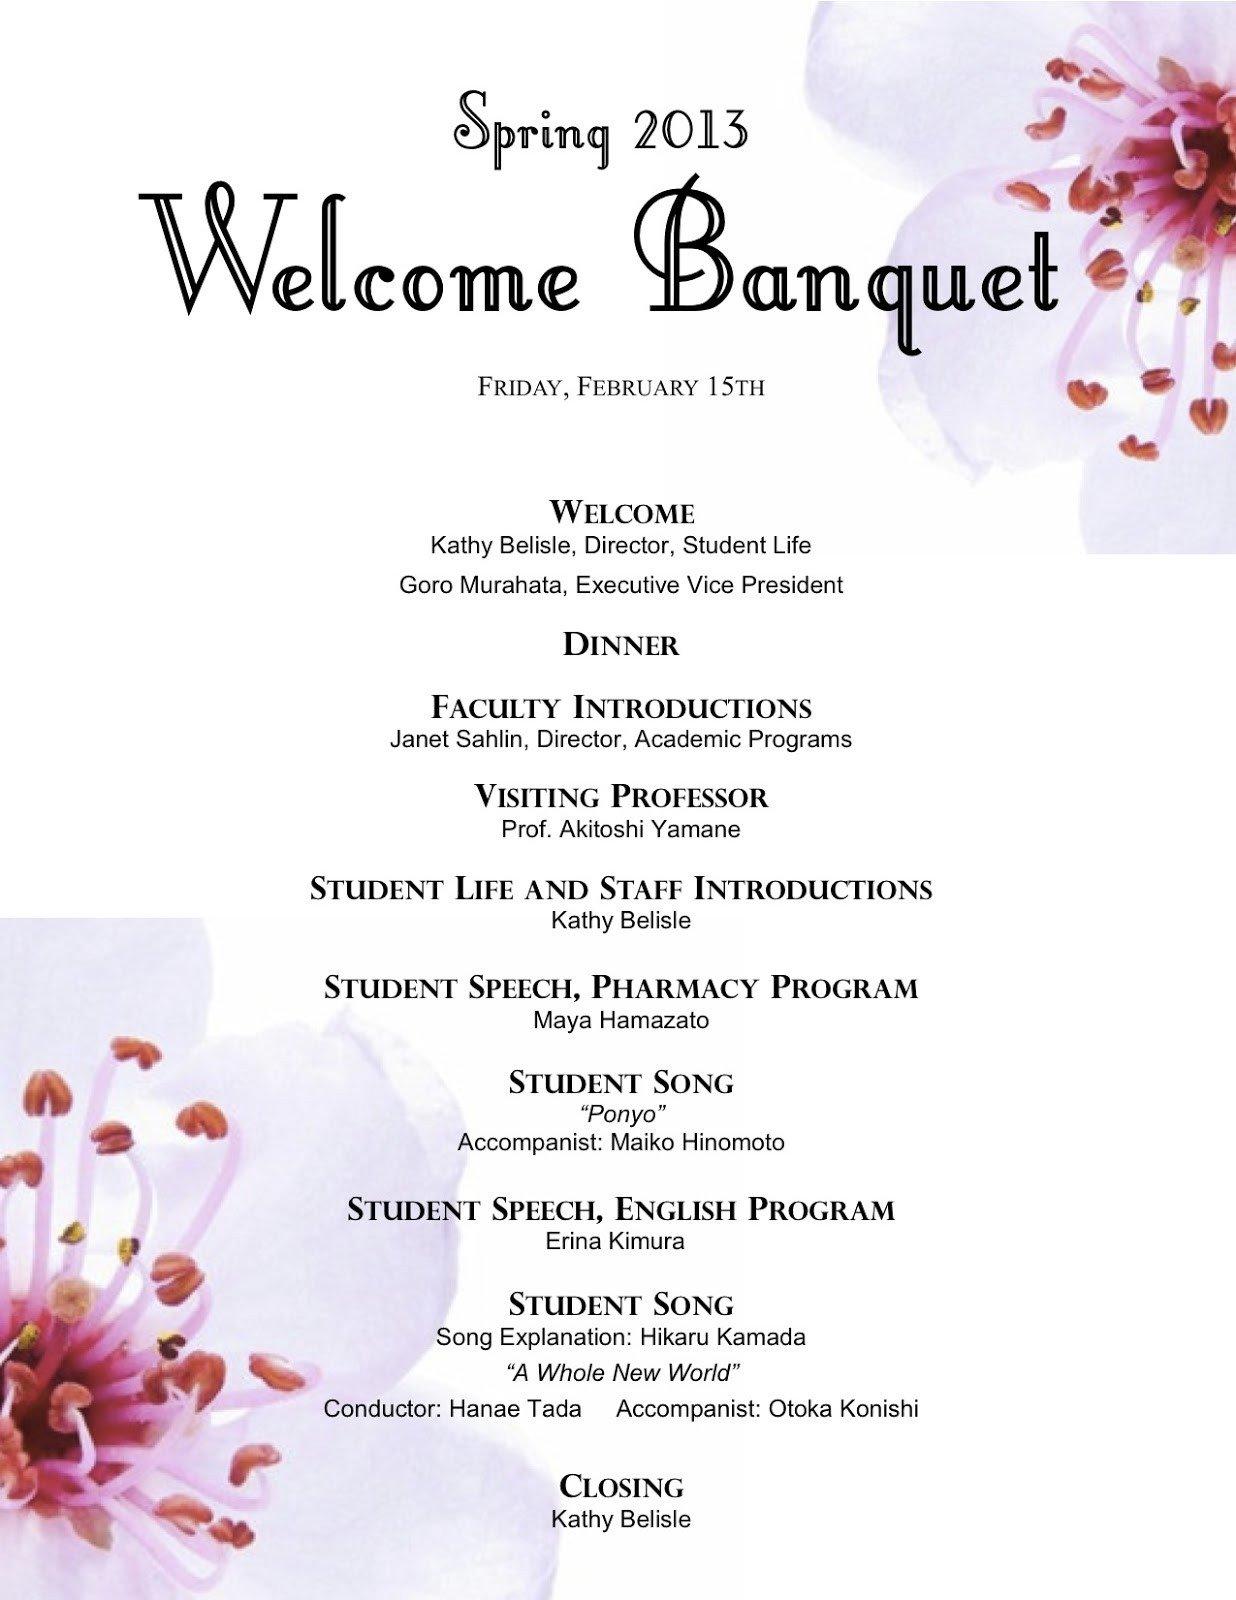 Family Reunion Banquet Program Sample Cheerful Wel E Banquet 2